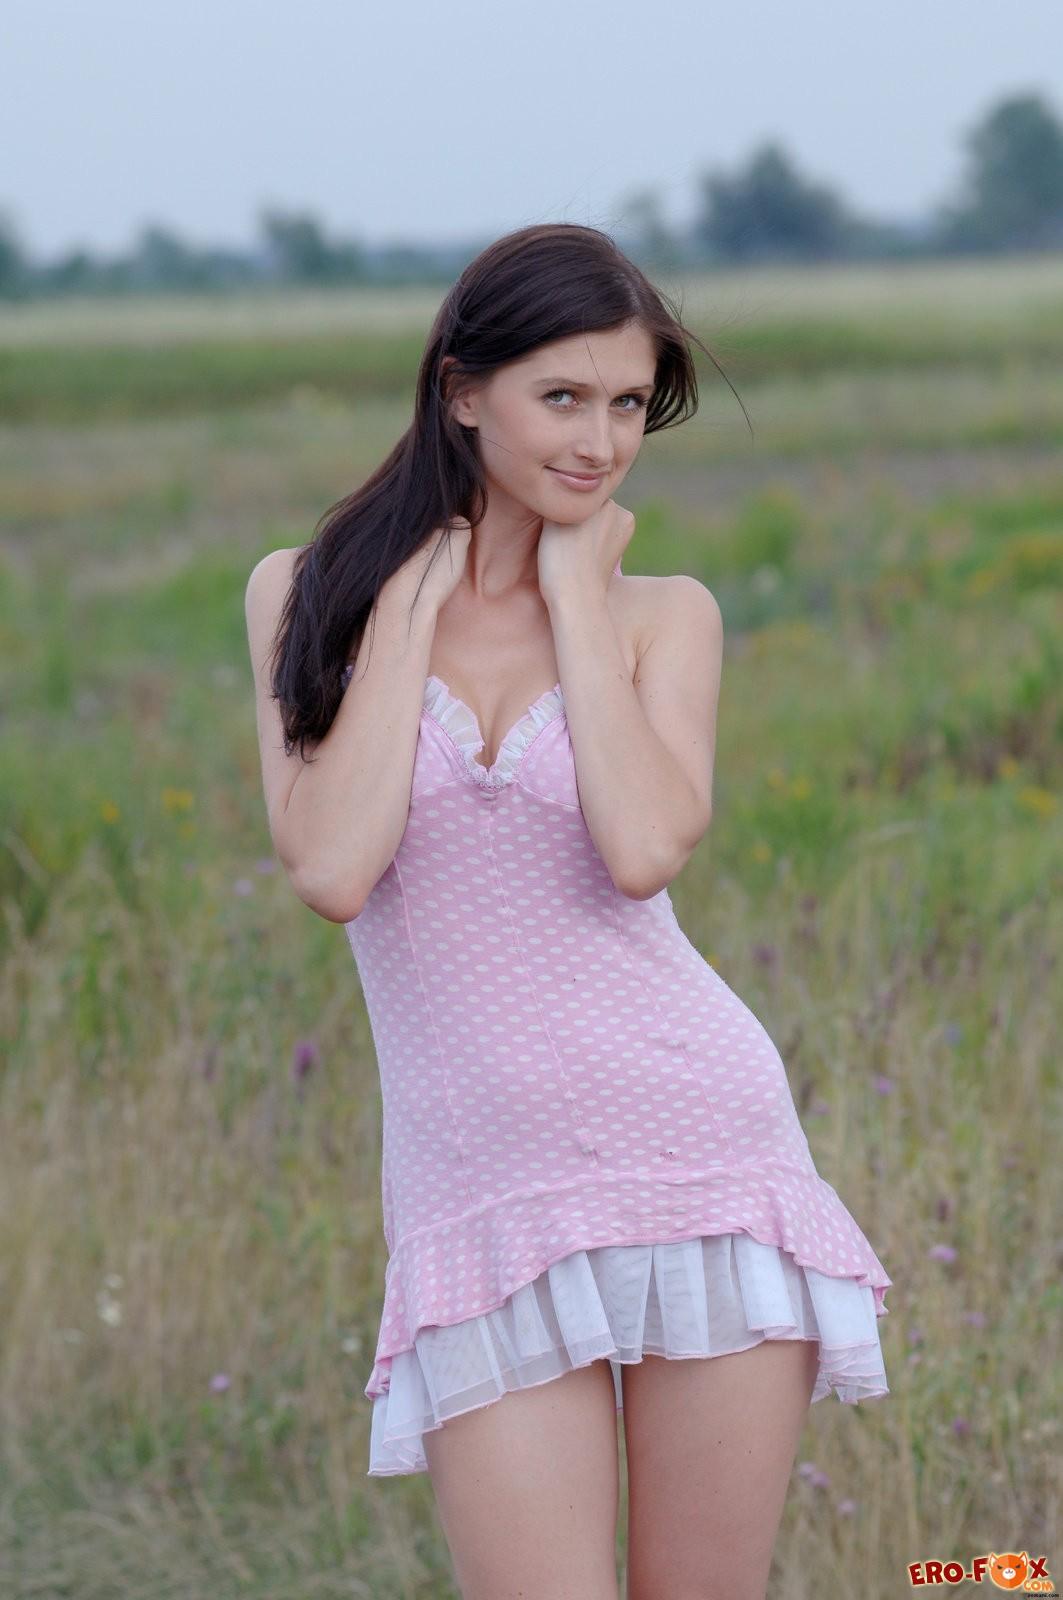 Голая русская брюнетка в поле